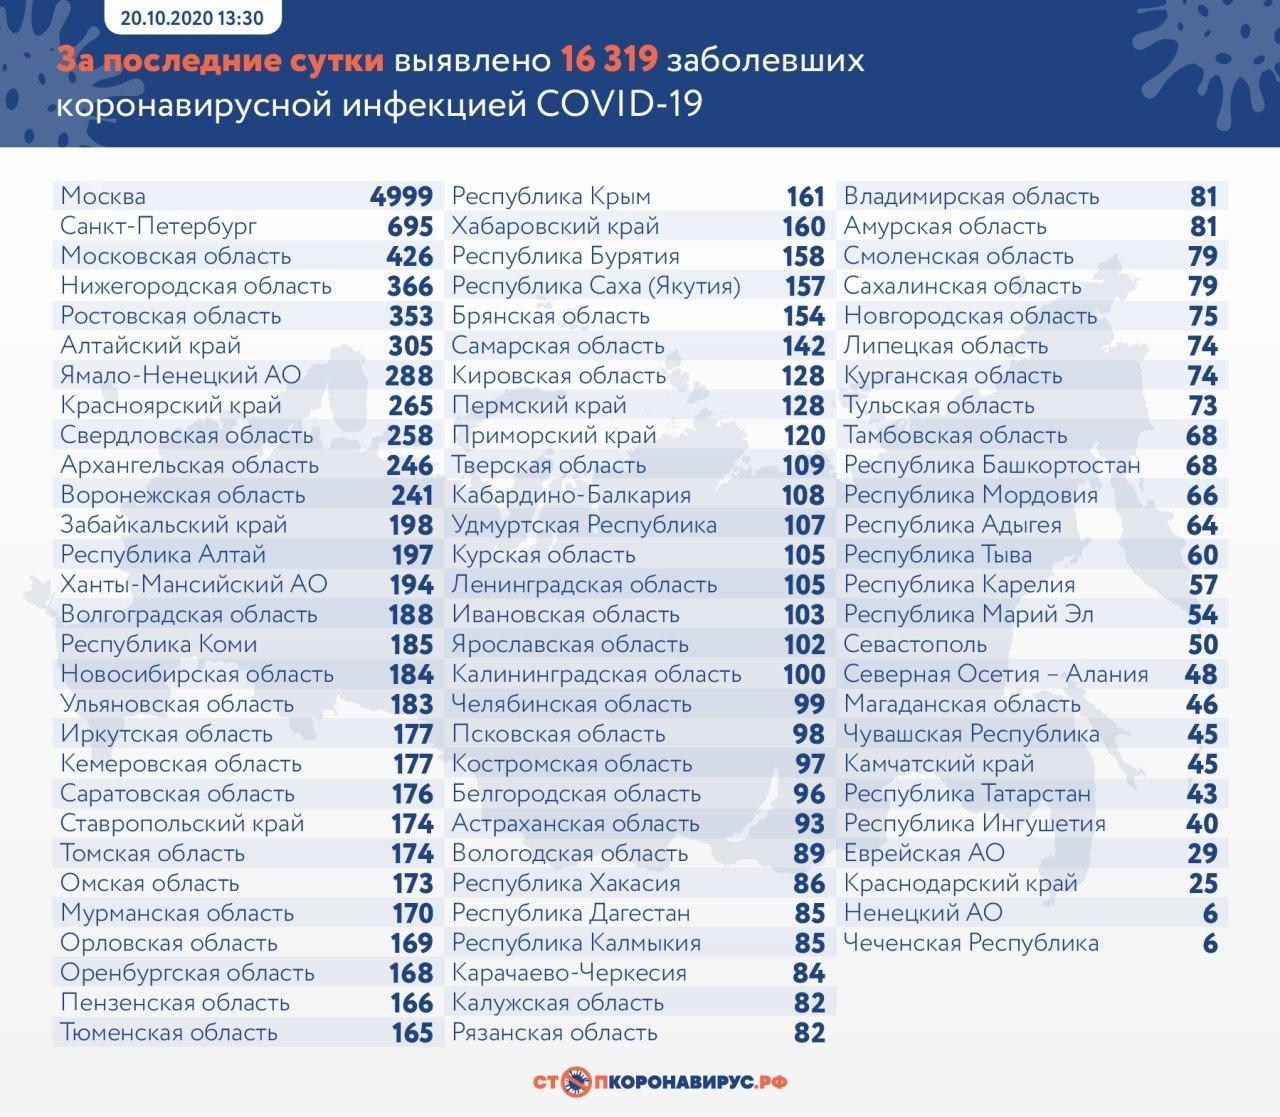 В России продолжается рост количества заболевших коронавирусом